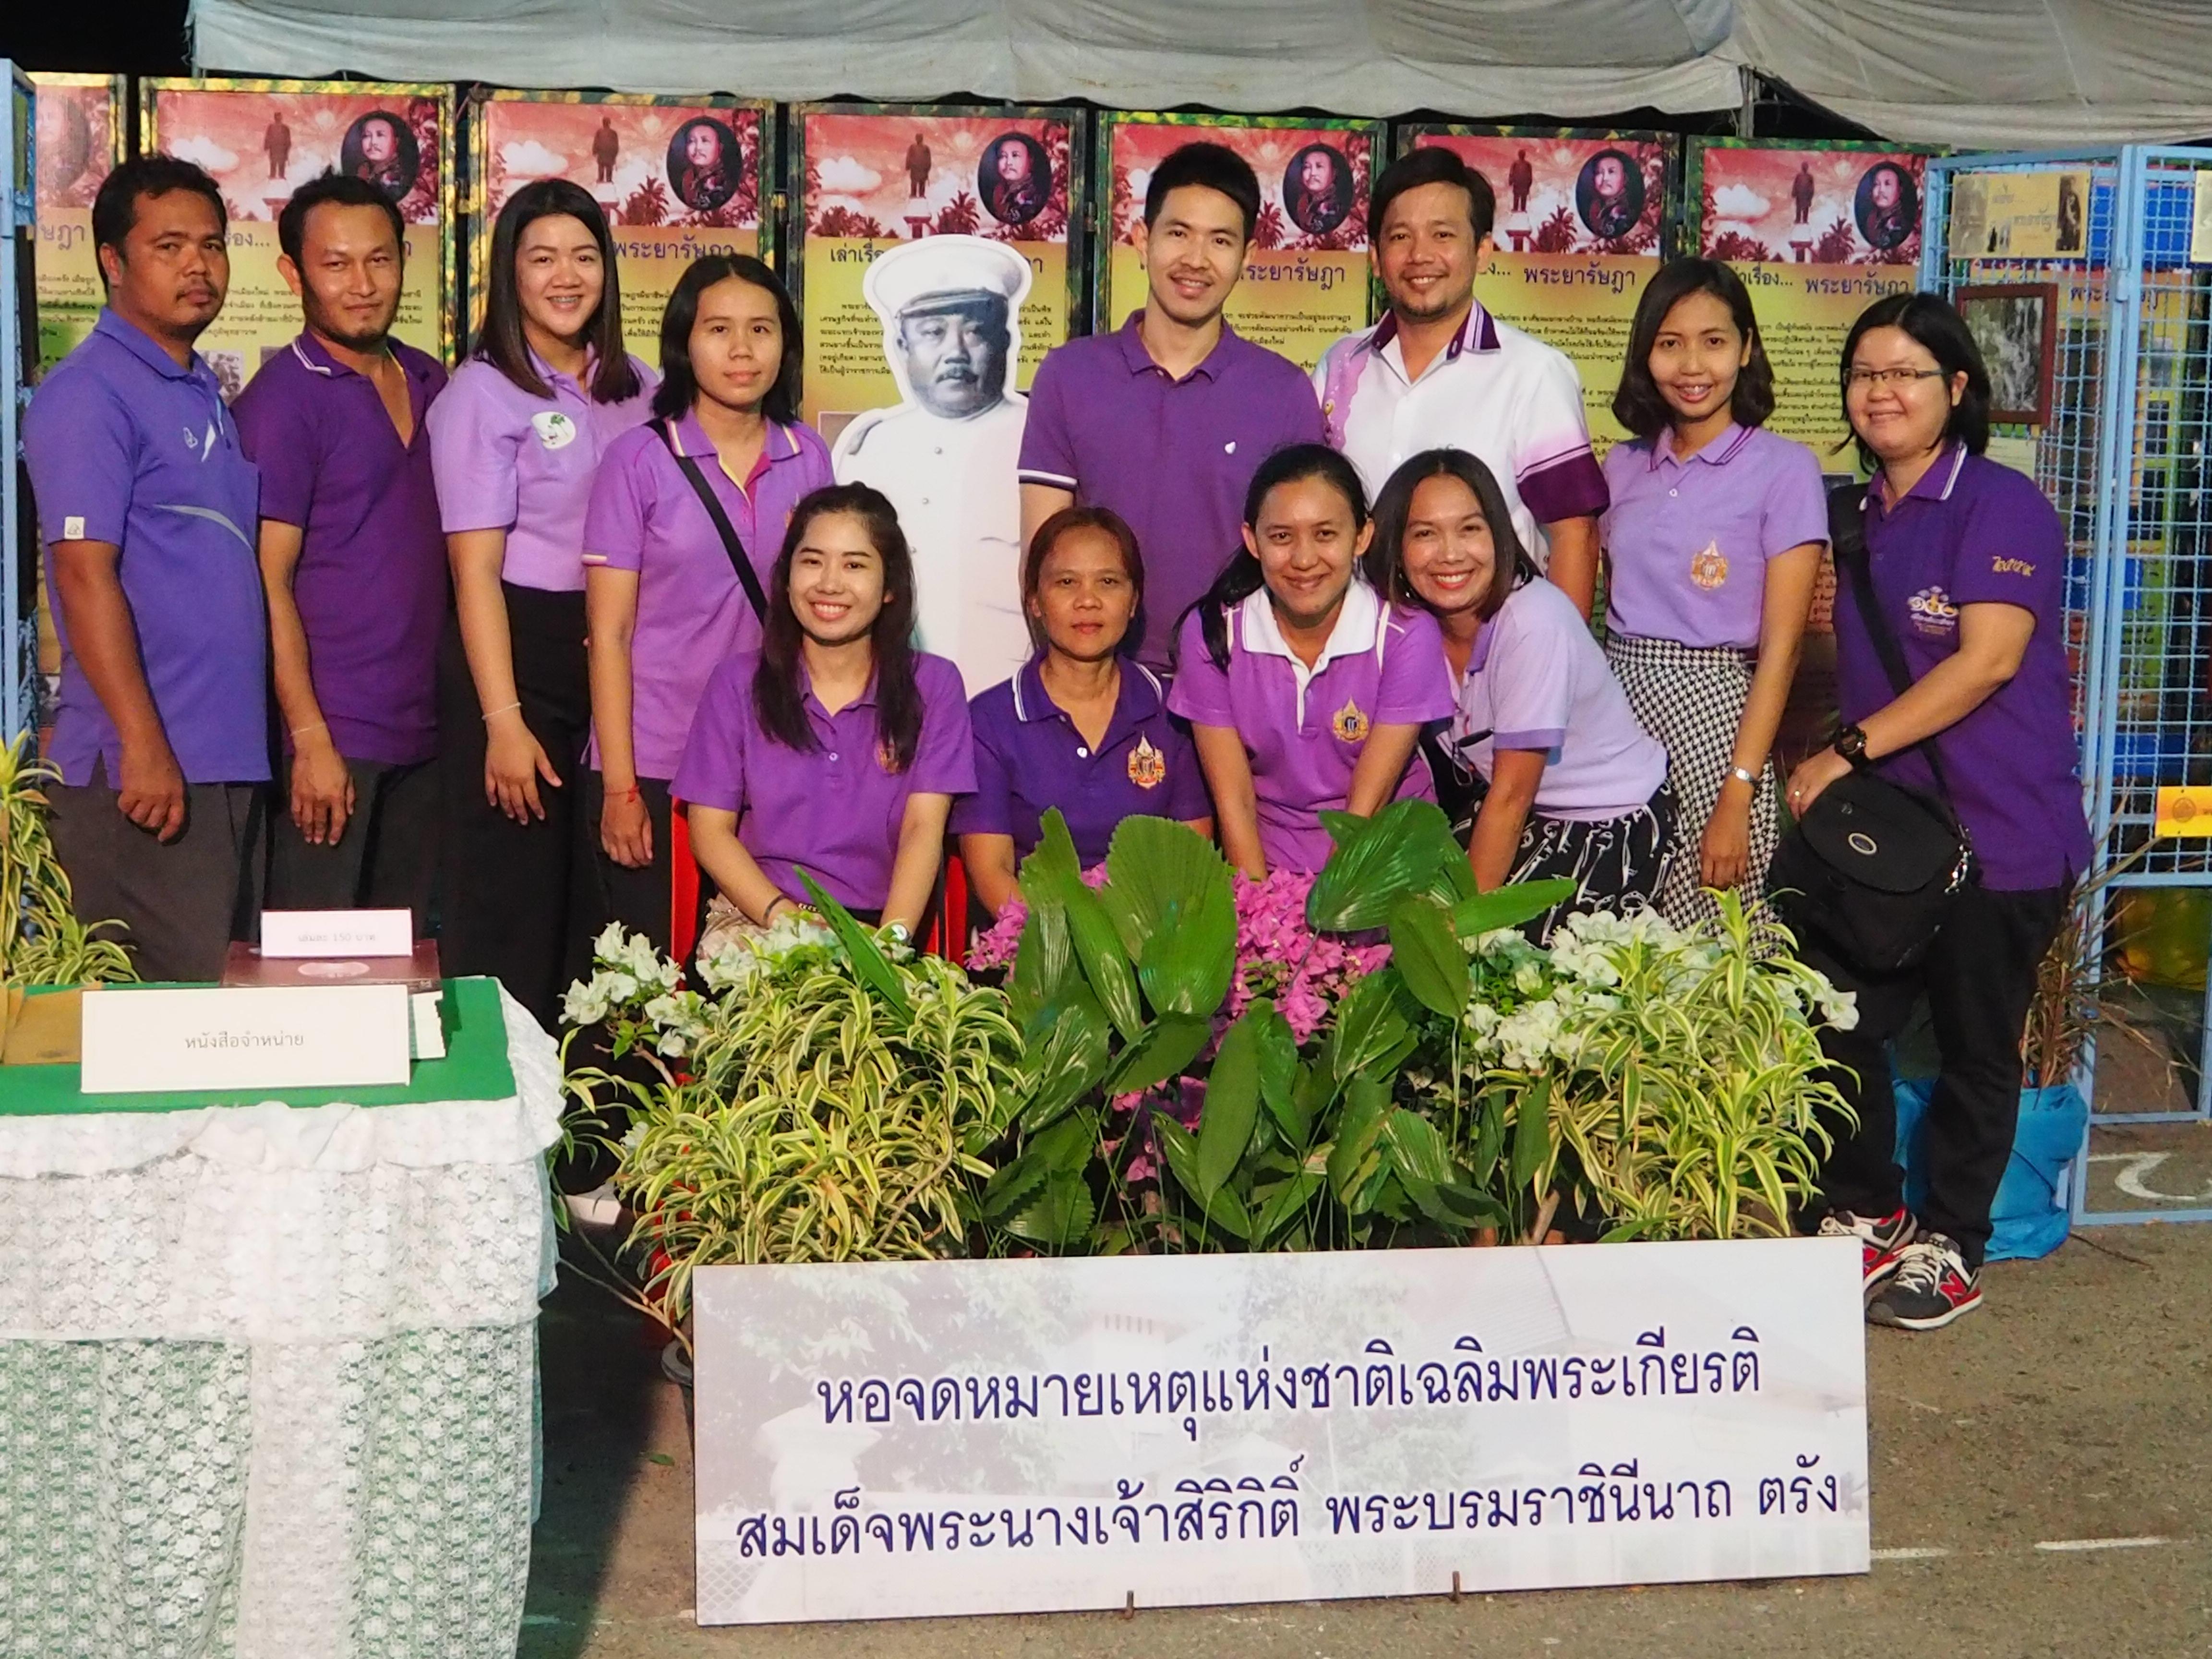 """หจช.ตรัง นำนิทรรศการ """"เล่าเรื่อง...พระยารัษฎาฯ"""" จัดแสดงในงาน """"เชิดชูพระยารัษฎา บิดายางพาราไทย ครั้งที่ 2 ประจำปี 2559"""""""